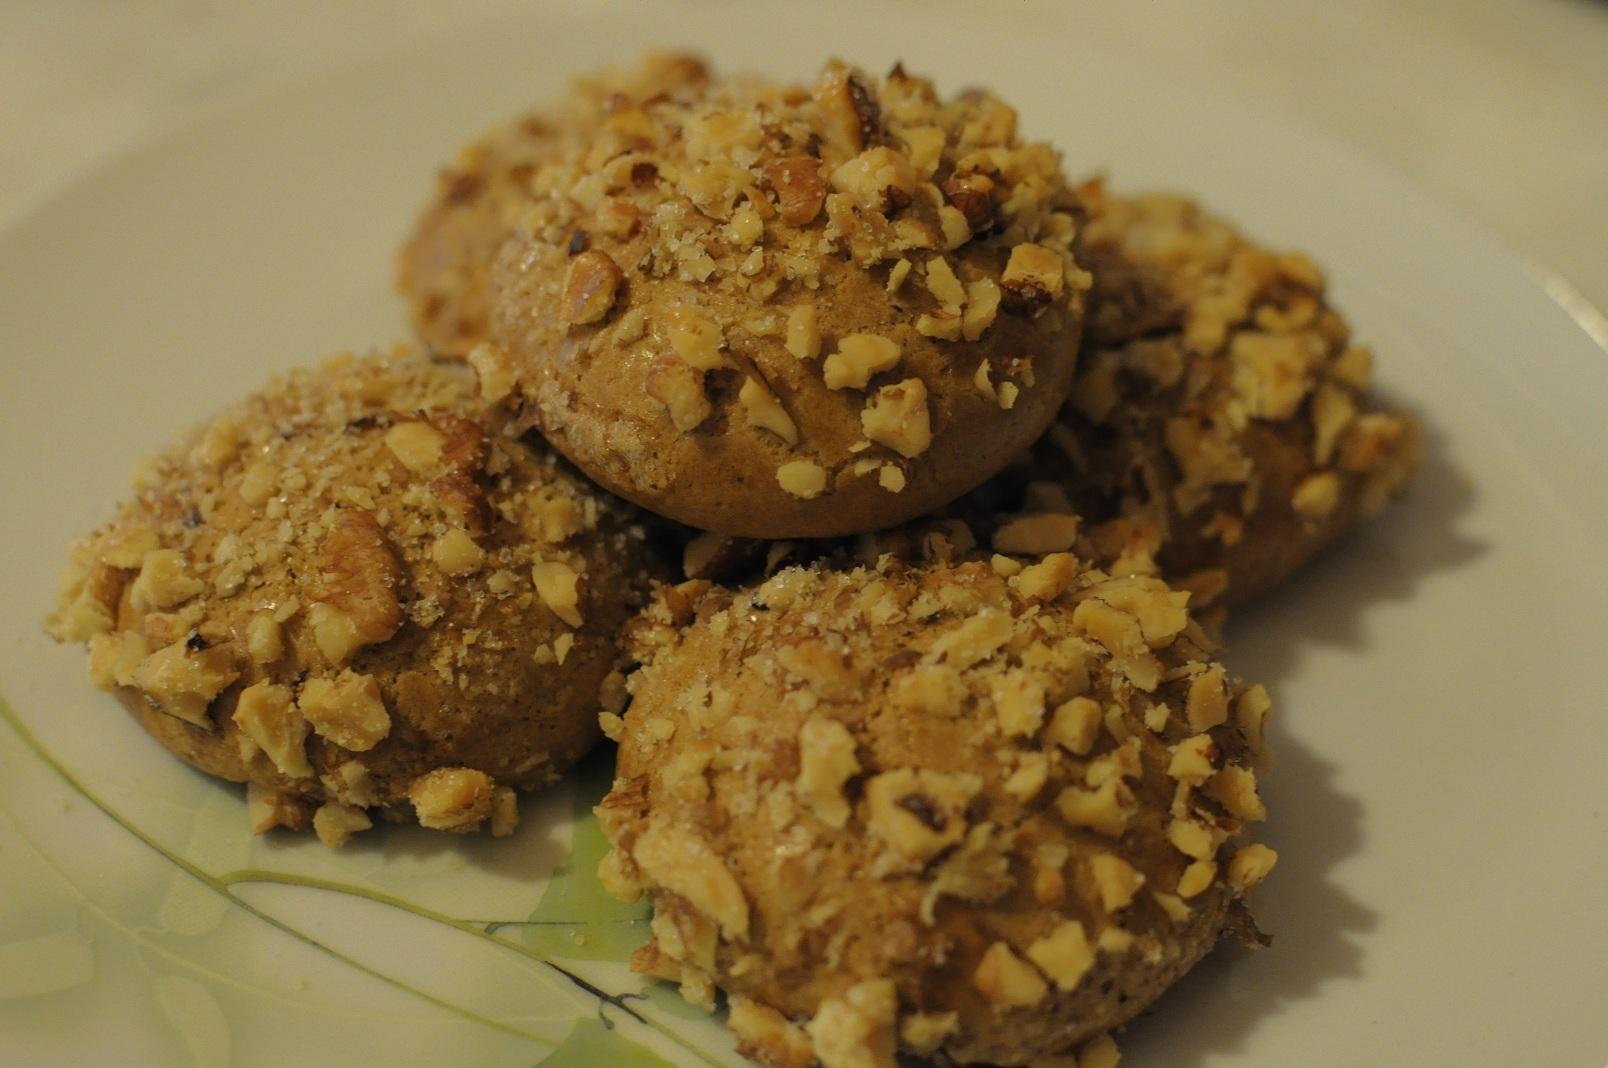 Hindistan cevizli kurabiye tarifleri resimli ile Etiketlenen Konular